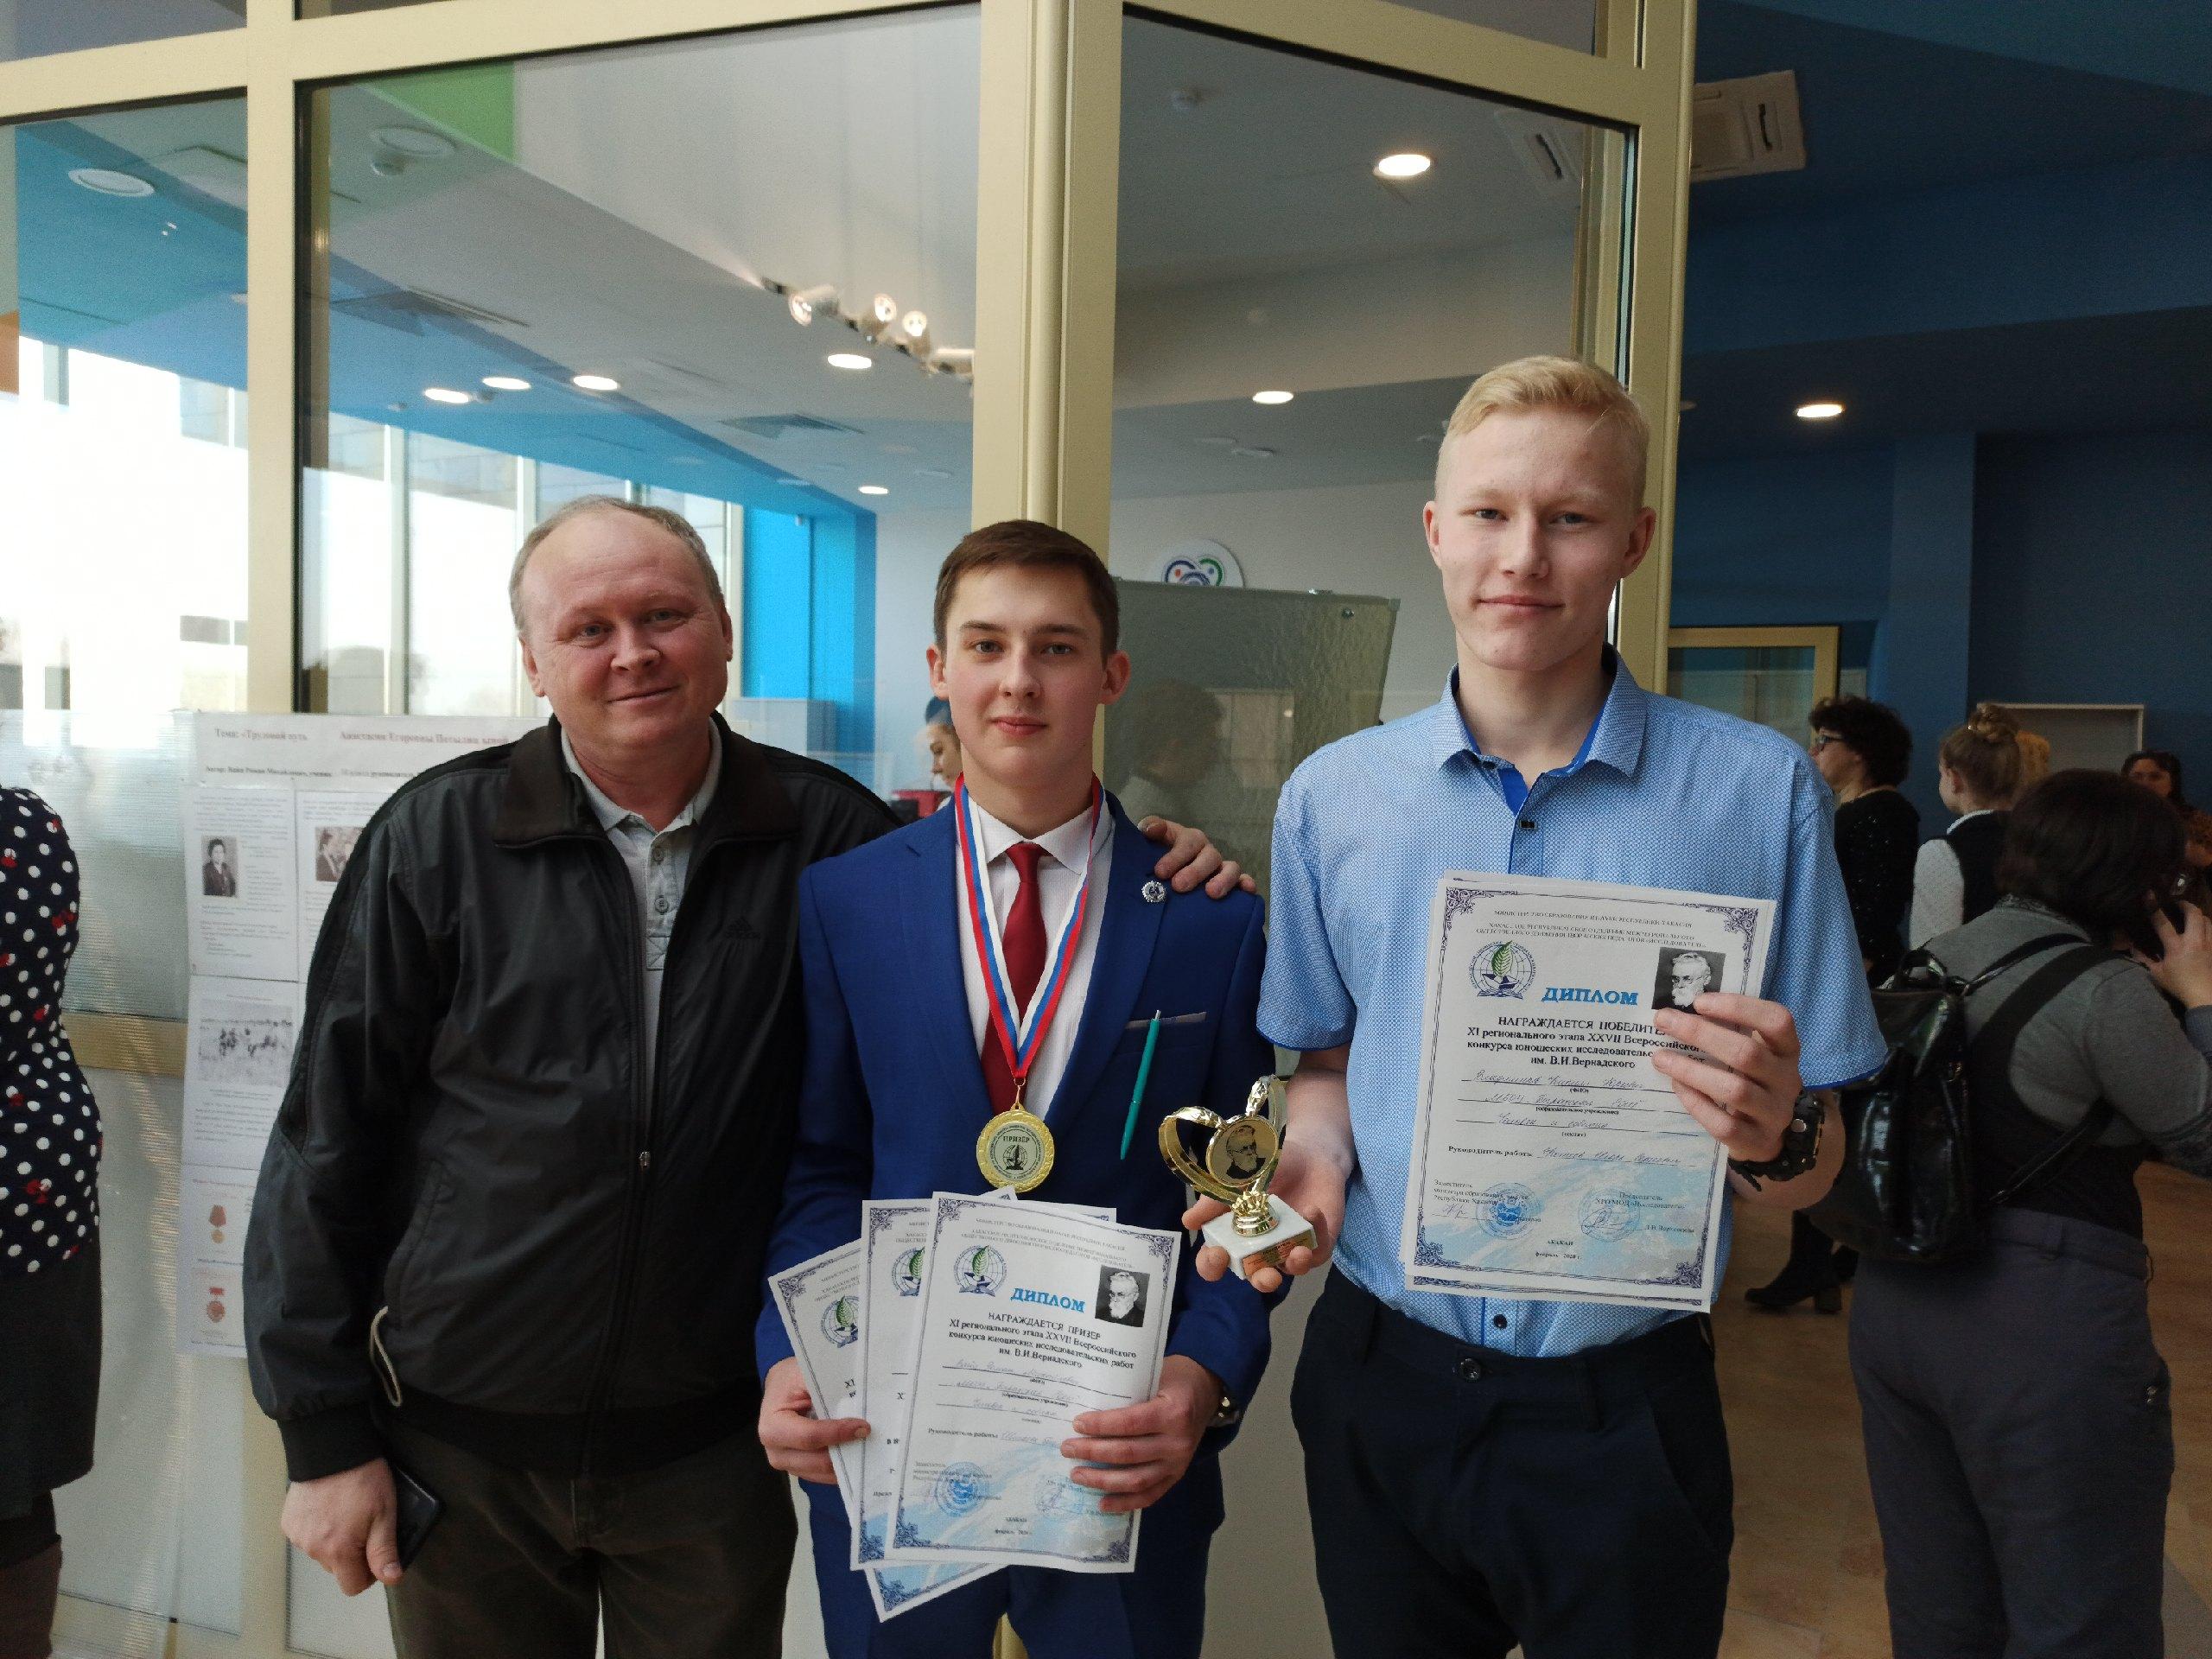 Трое участников Всероссийского конкурса им. Вернадского из Хакасии стали победителями регионального тура